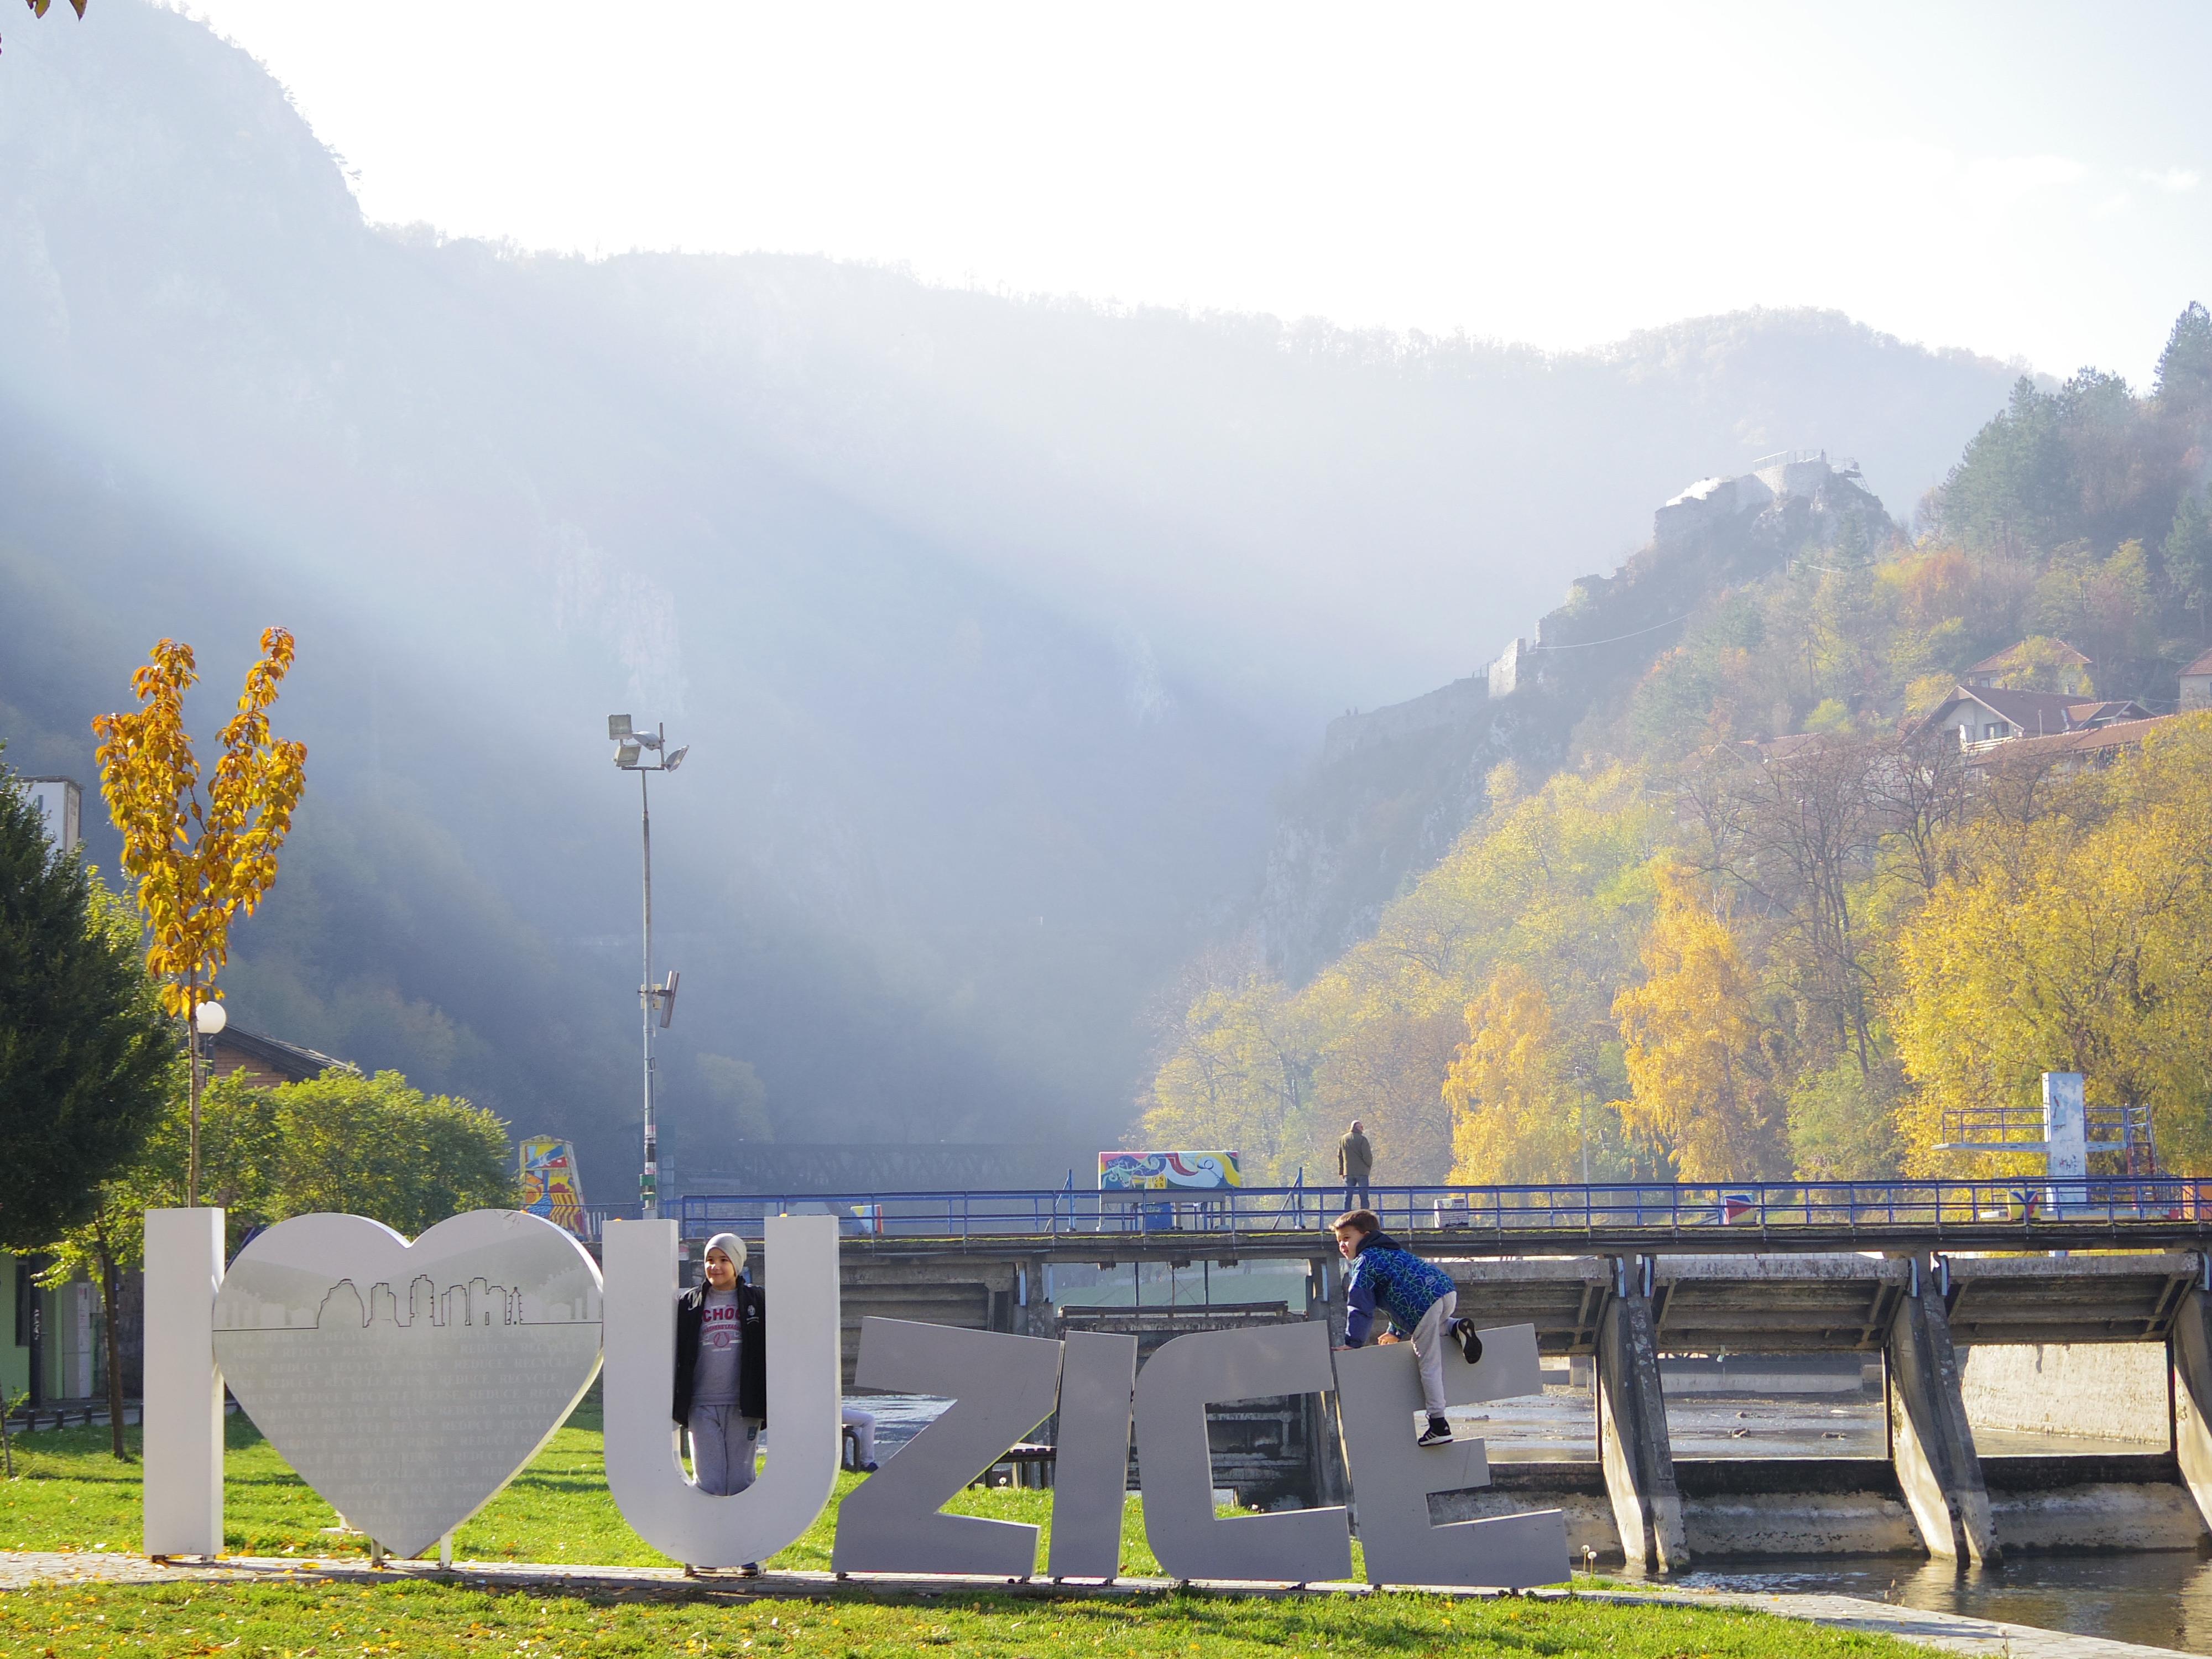 ベオグラードからウジツェへ。自然に囲まれた山間の街。